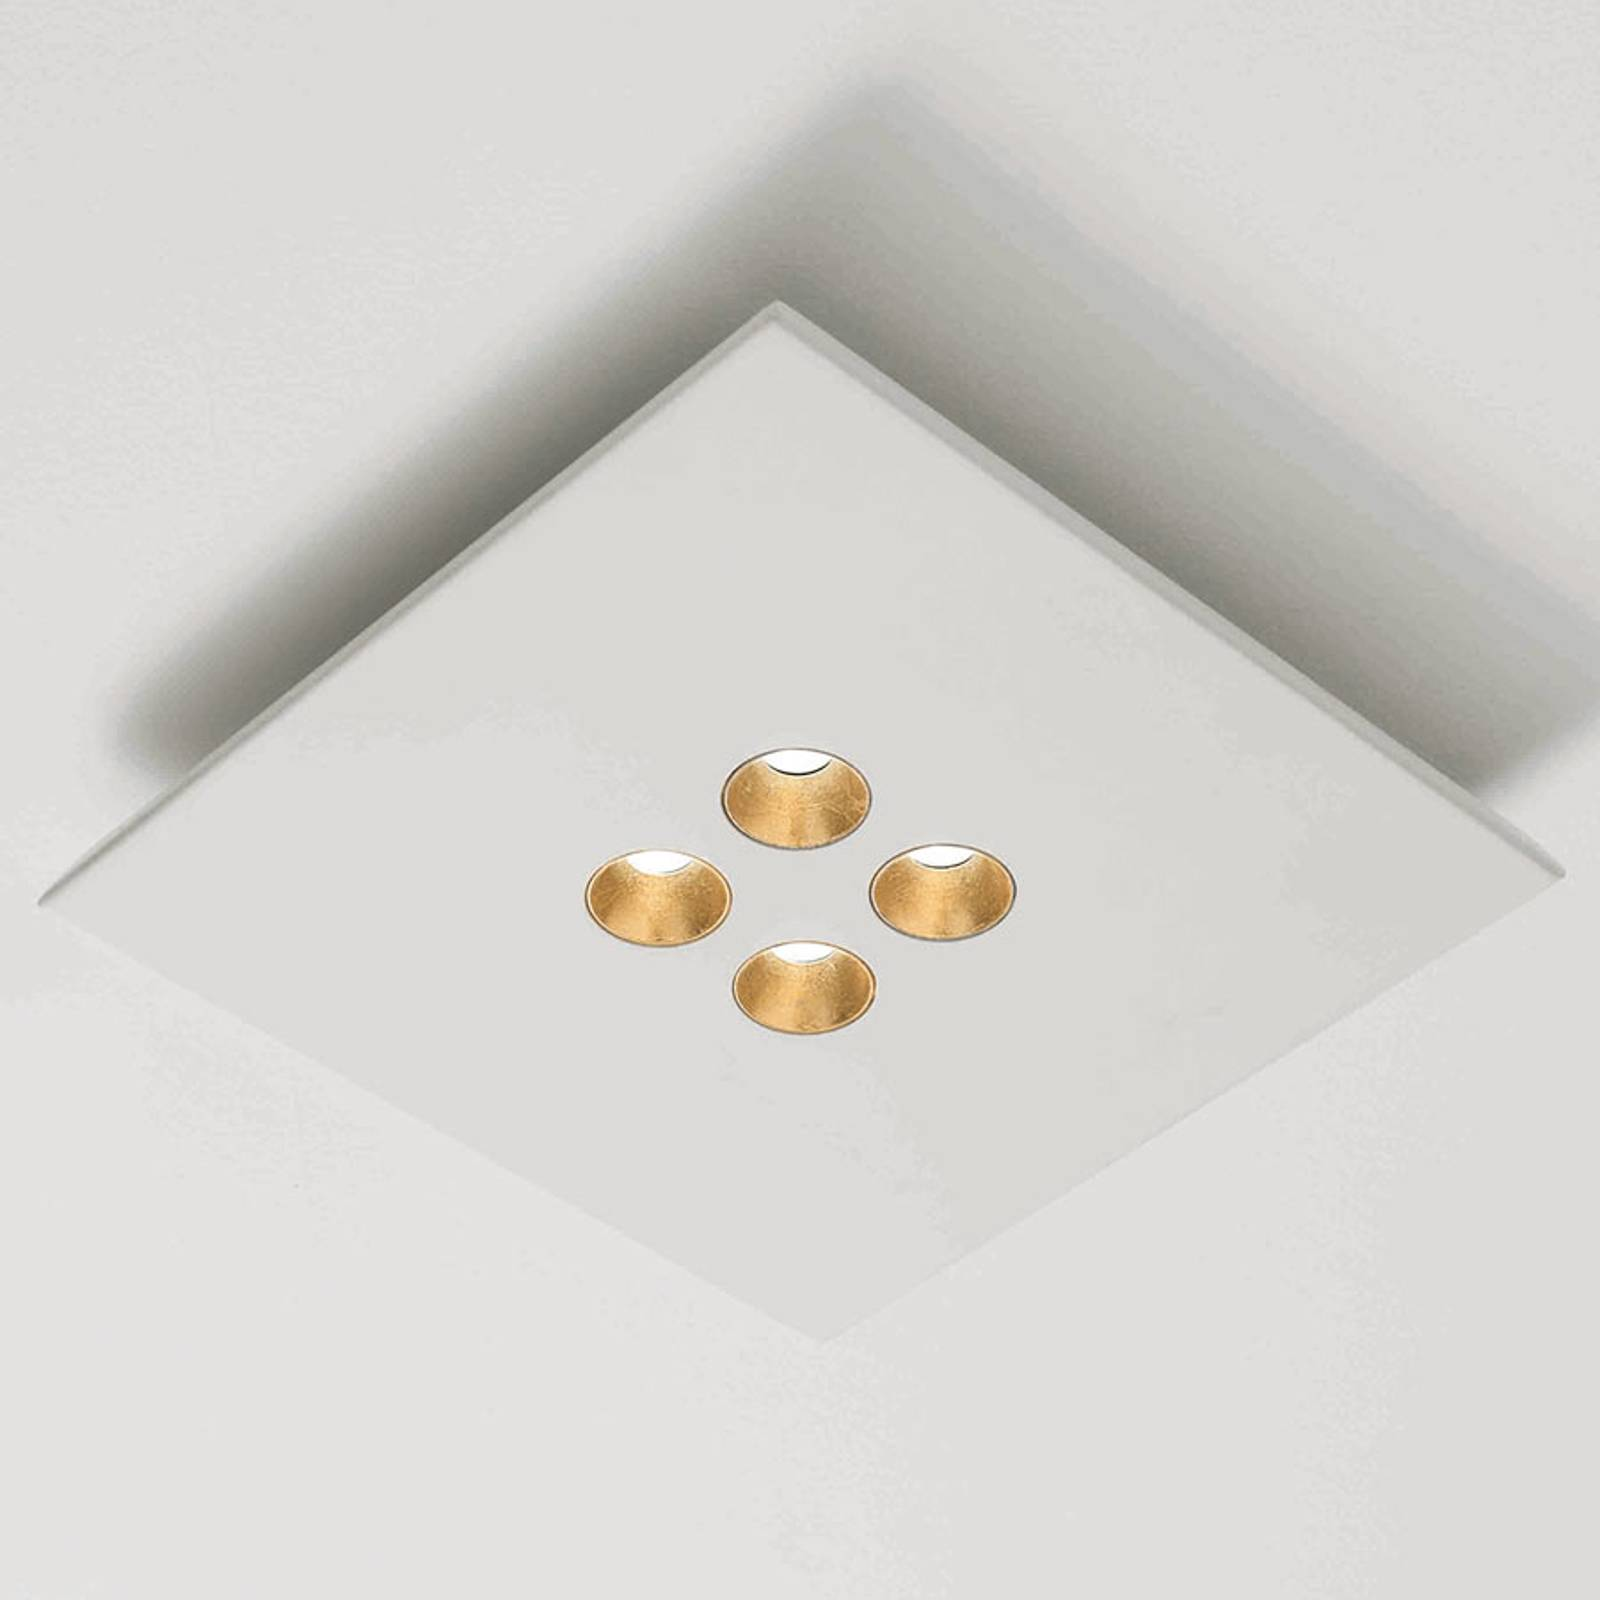 ICONE Confort - LED plafondlamp, wit-goud